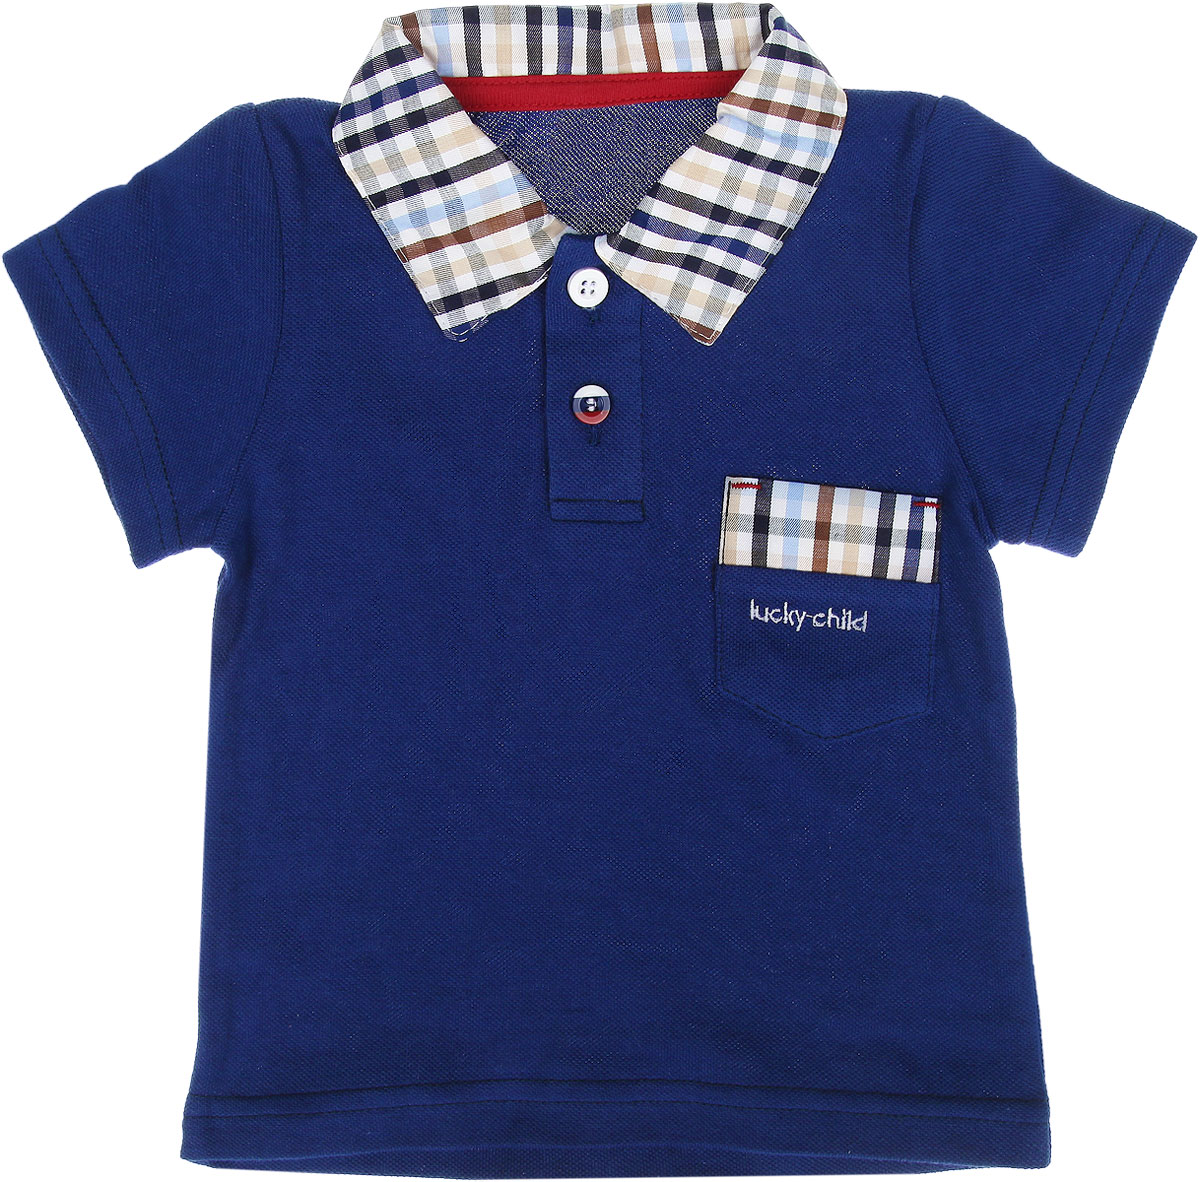 Поло для мальчика Lucky Child, цвет: темно-синий, бежевый. 40-50. Размер 110/11640-50Модная футболка-поло для мальчика Lucky Child идеально подойдет для вашего маленького мужчины. Изготовленная из натурального хлопка, она необычайно мягкая и приятная на ощупь, не сковывает движения и позволяет коже дышать, не раздражает даже самую нежную и чувствительную кожу, обеспечивая наибольший комфорт. Футболка с короткими рукавами и отложным воротником-поло спереди застегивается на две пуговицы. На груди предусмотрен накладной кармашек. Воротник и верхняя часть кармана оформлены принтом в клетку. Современный дизайн и расцветка делают эту футболку модным и стильным предметом детского гардероба. В ней ваш ребенок будет чувствовать себя уютно и комфортно, и всегда будет в центре внимания!